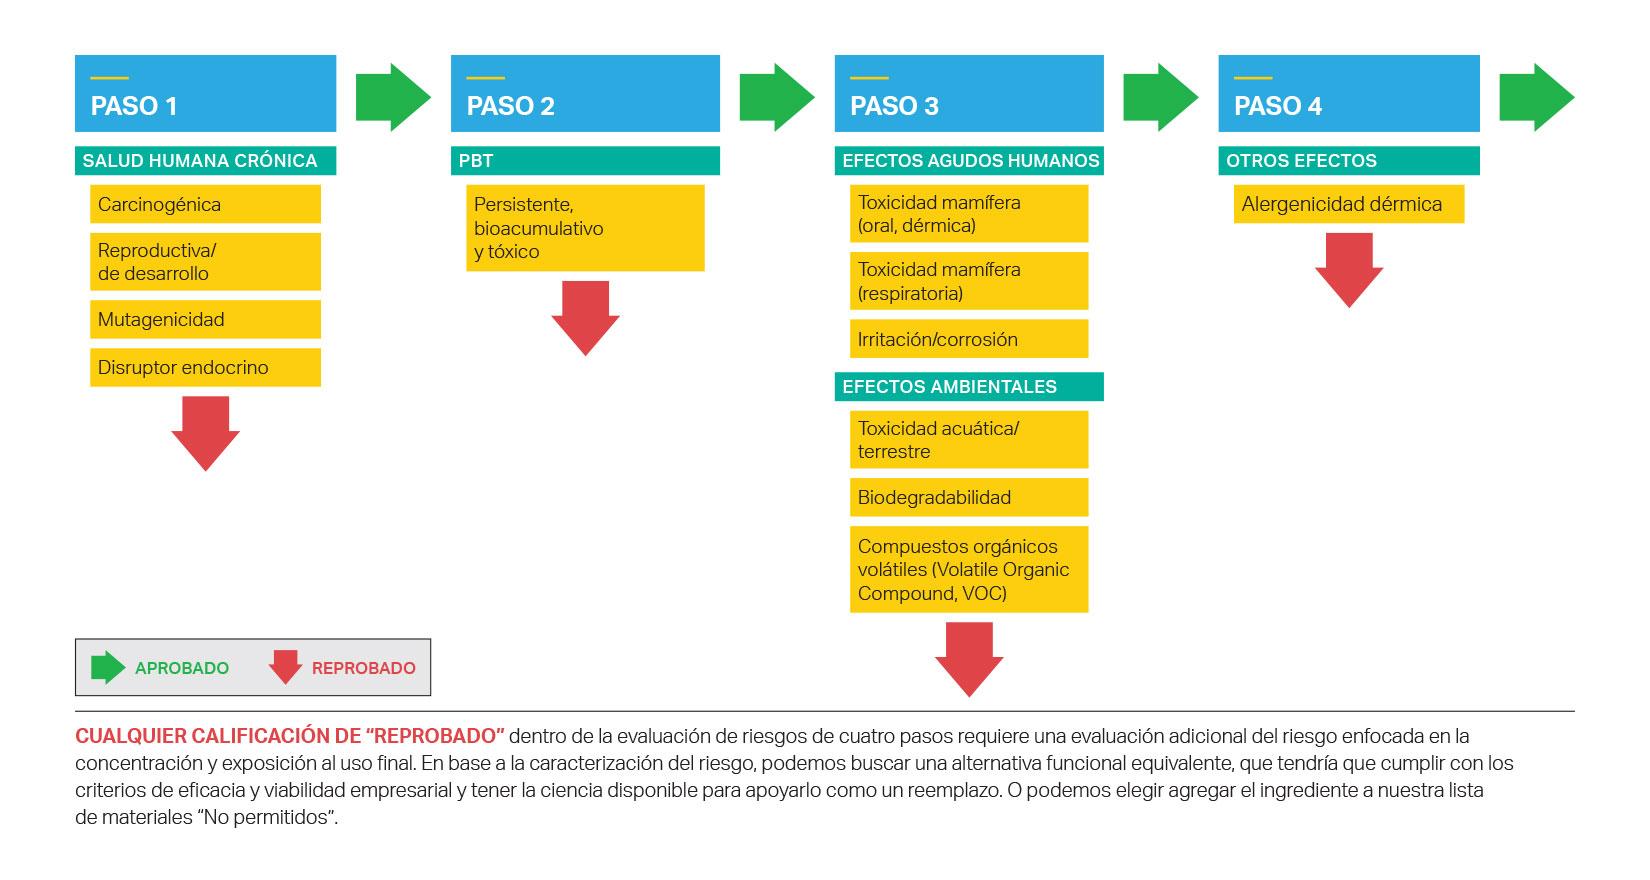 Evaluación de riesgos de cuatro pasos de SC Johnson de los ingredientes del producto